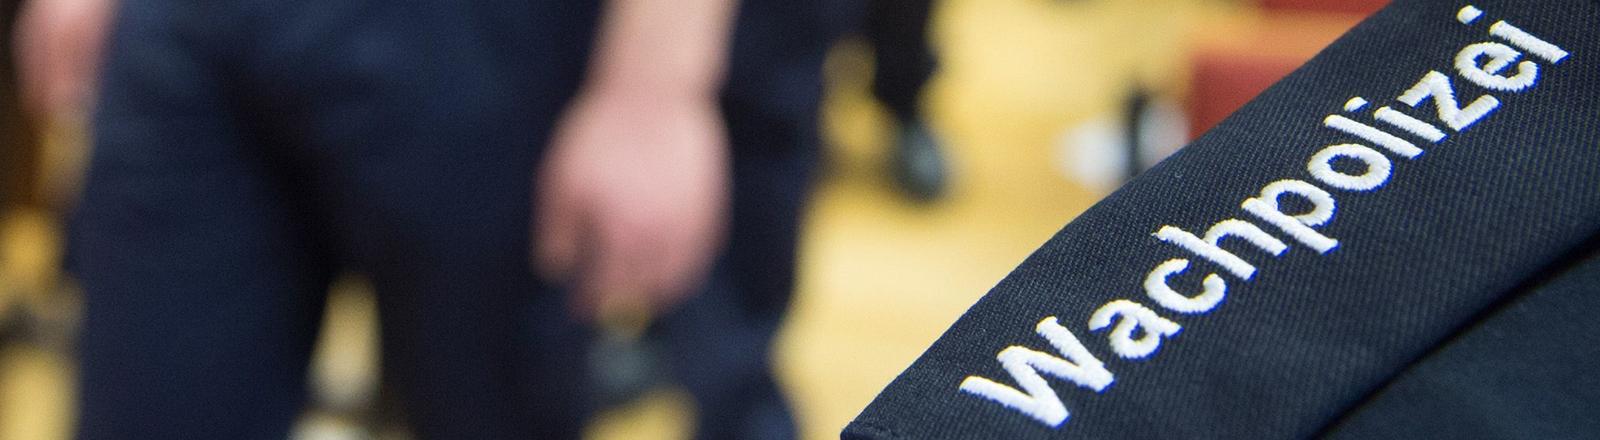 Die ersten 50 der insgesamt 550 geplanten sächsischen Wachpolizisten verlassen zu Beginn ihrer Ausbildung am 01.02.2016 in der Hochschule der Sächsischen Polizei in Bautzen (Sachsen) einen Hörsaal.